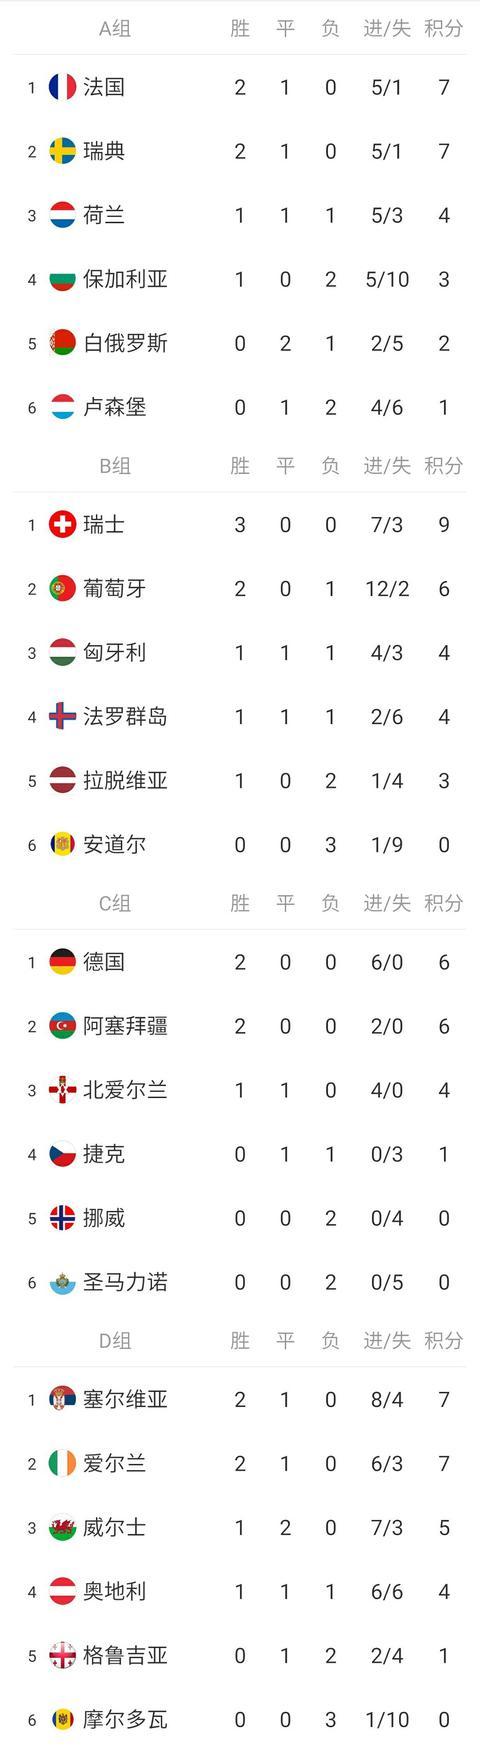 世界杯历史:以色列所有土地全在亚洲,为什么却参加欧洲预选赛?